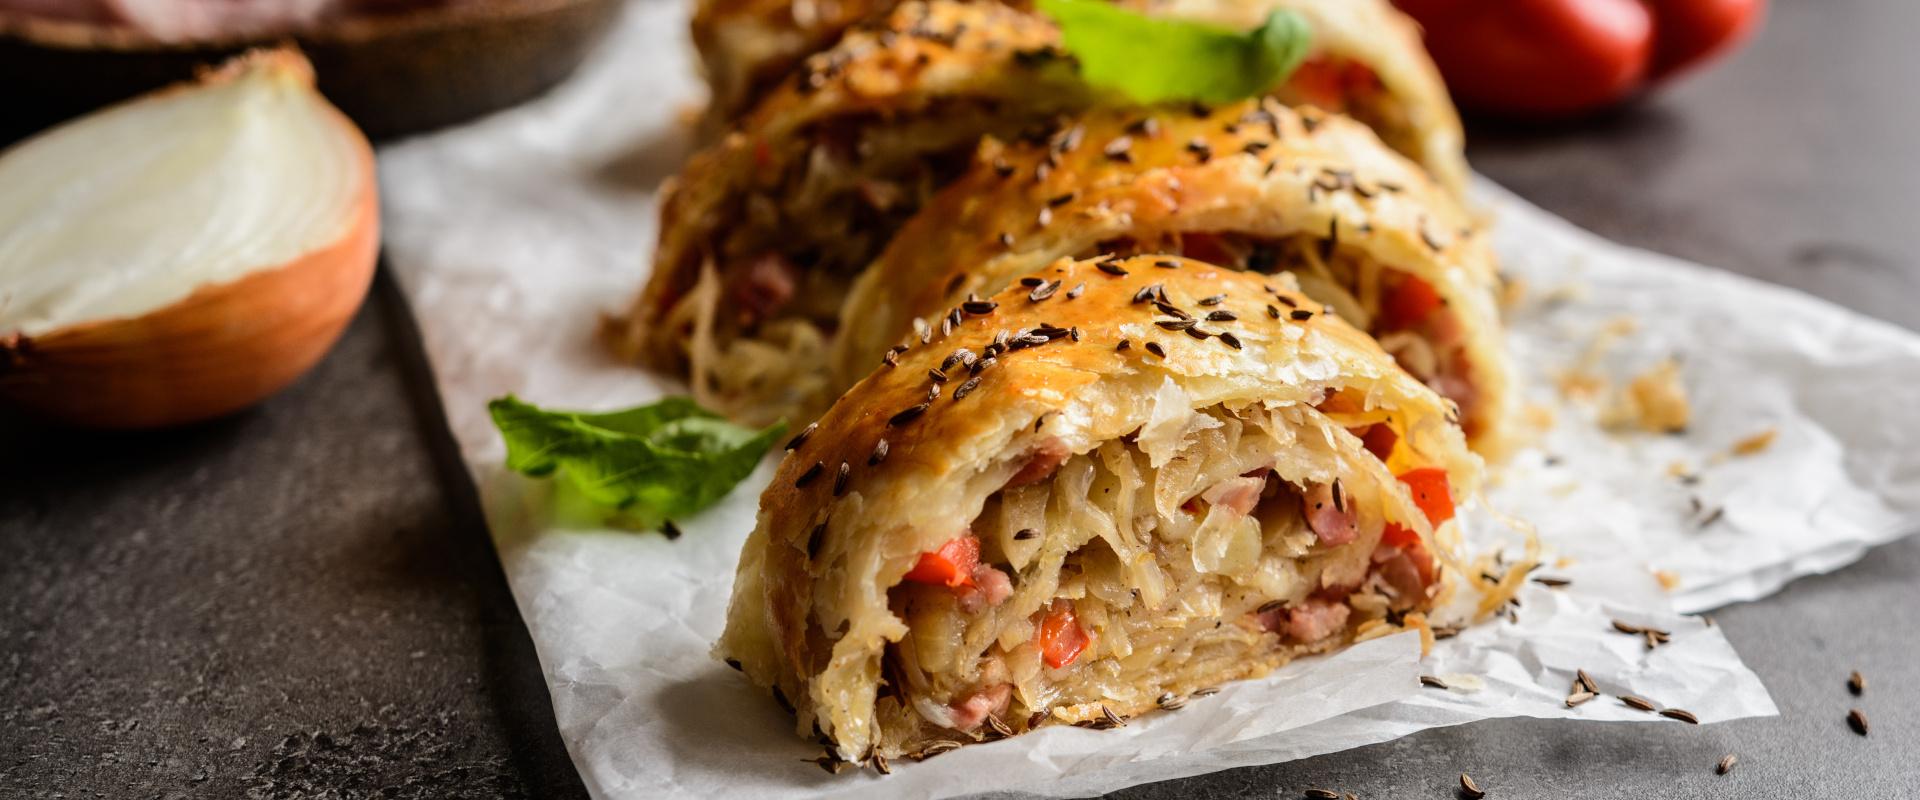 káposztás rétes baconnel cover